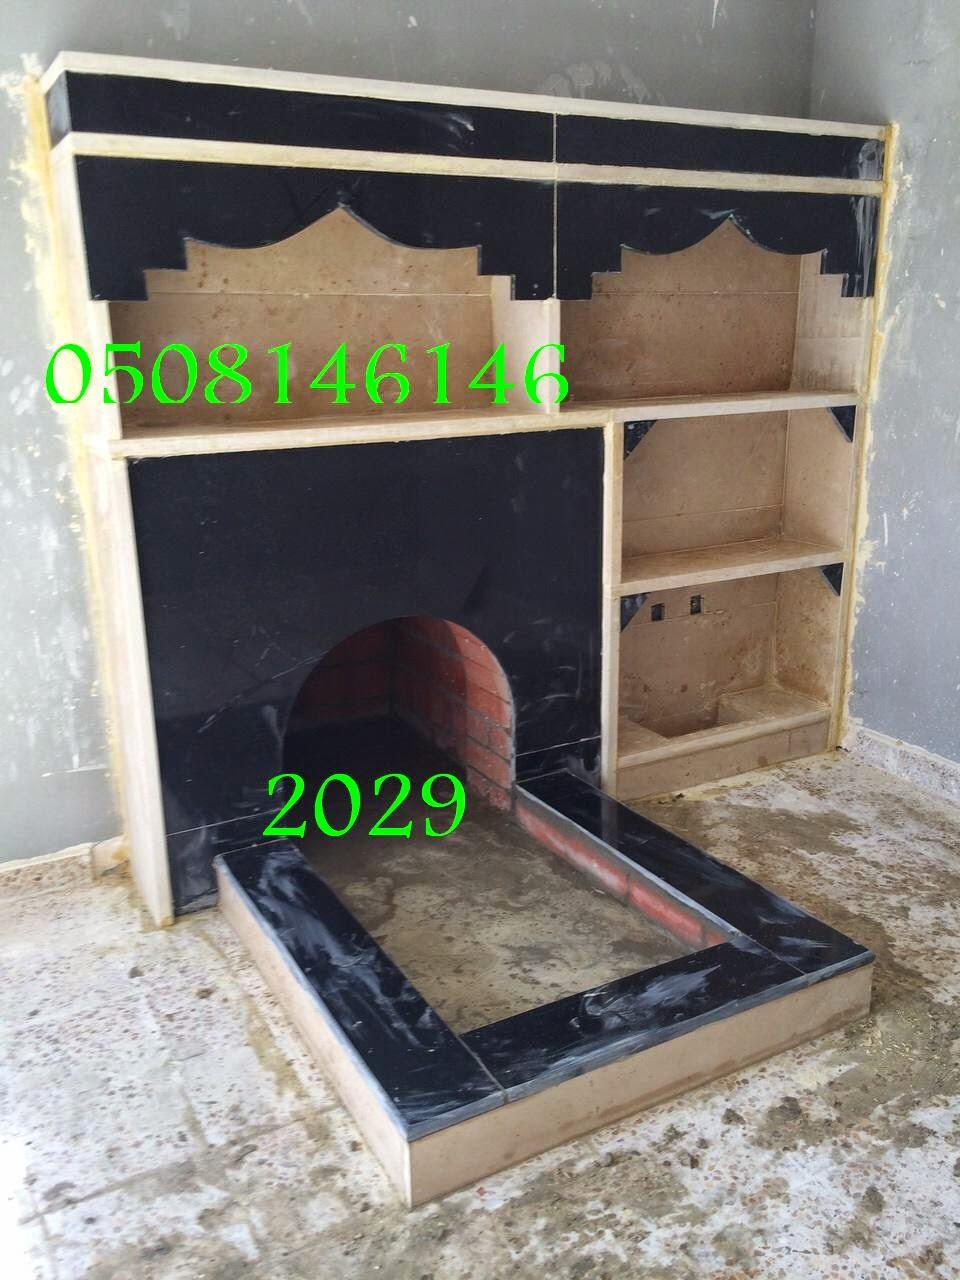 ديكورات مشبات 2029